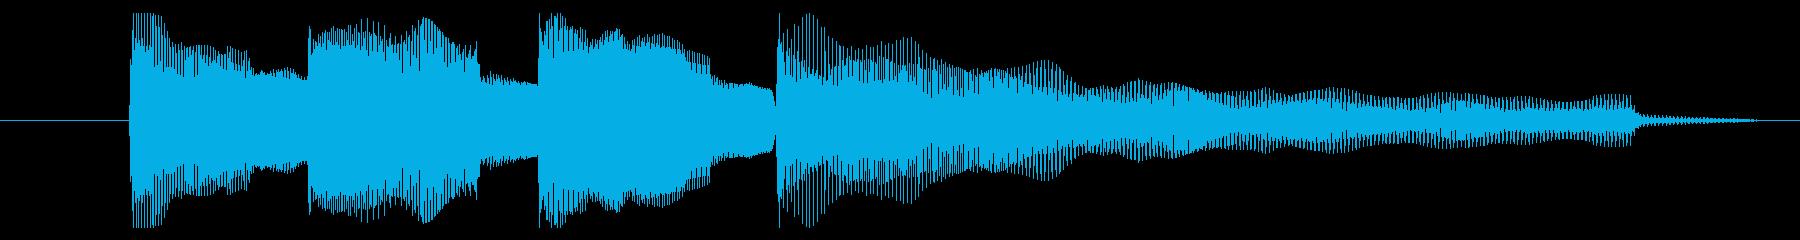 【おはようのキスを1】の再生済みの波形